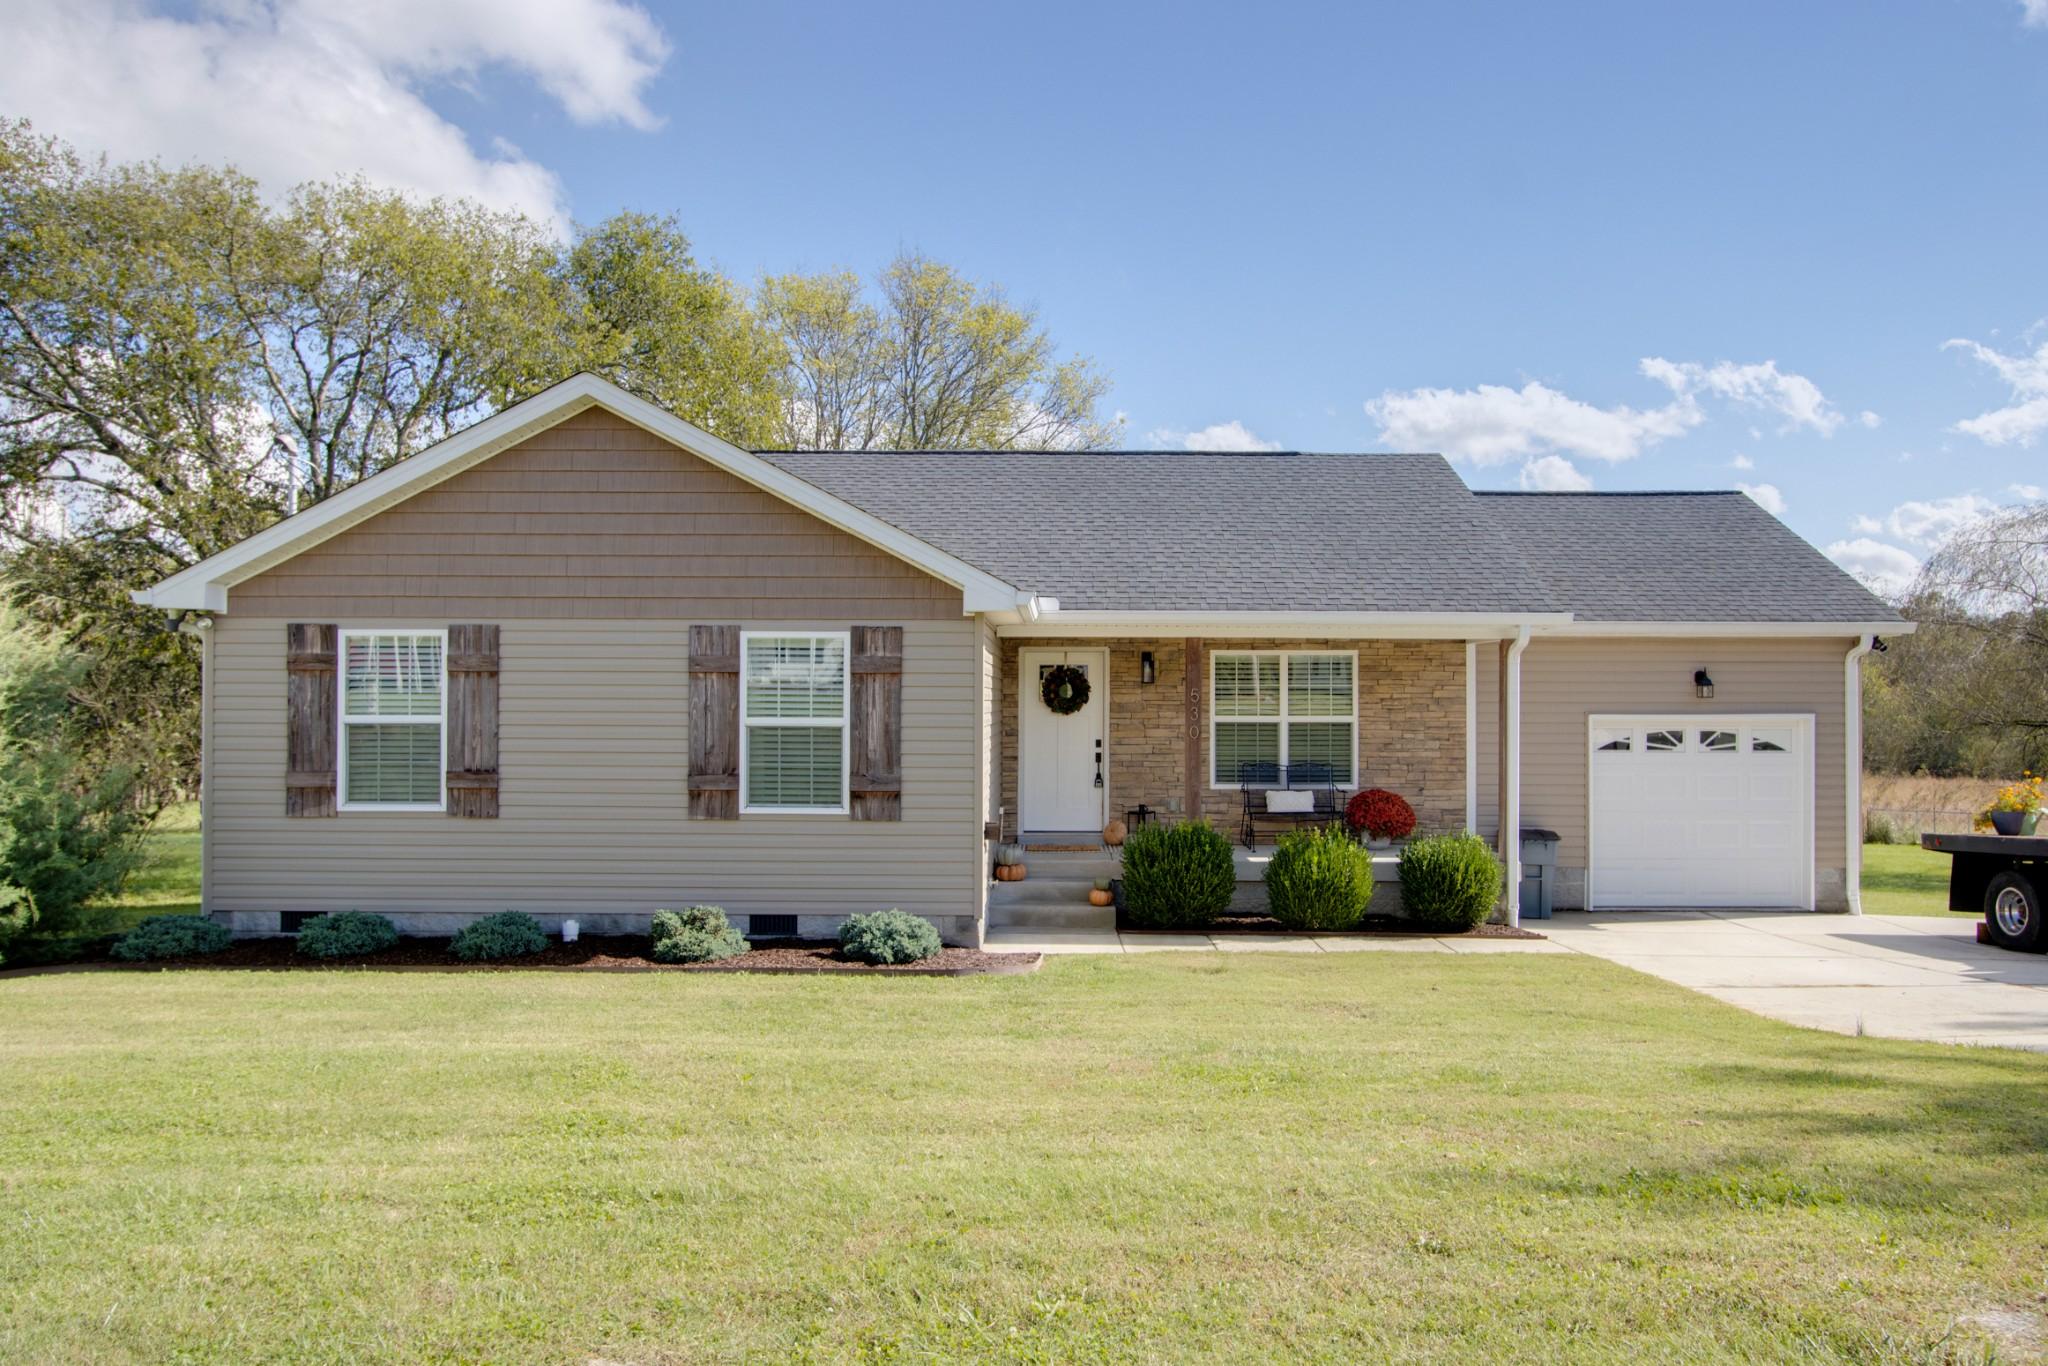 530 Edgewood St Property Photo